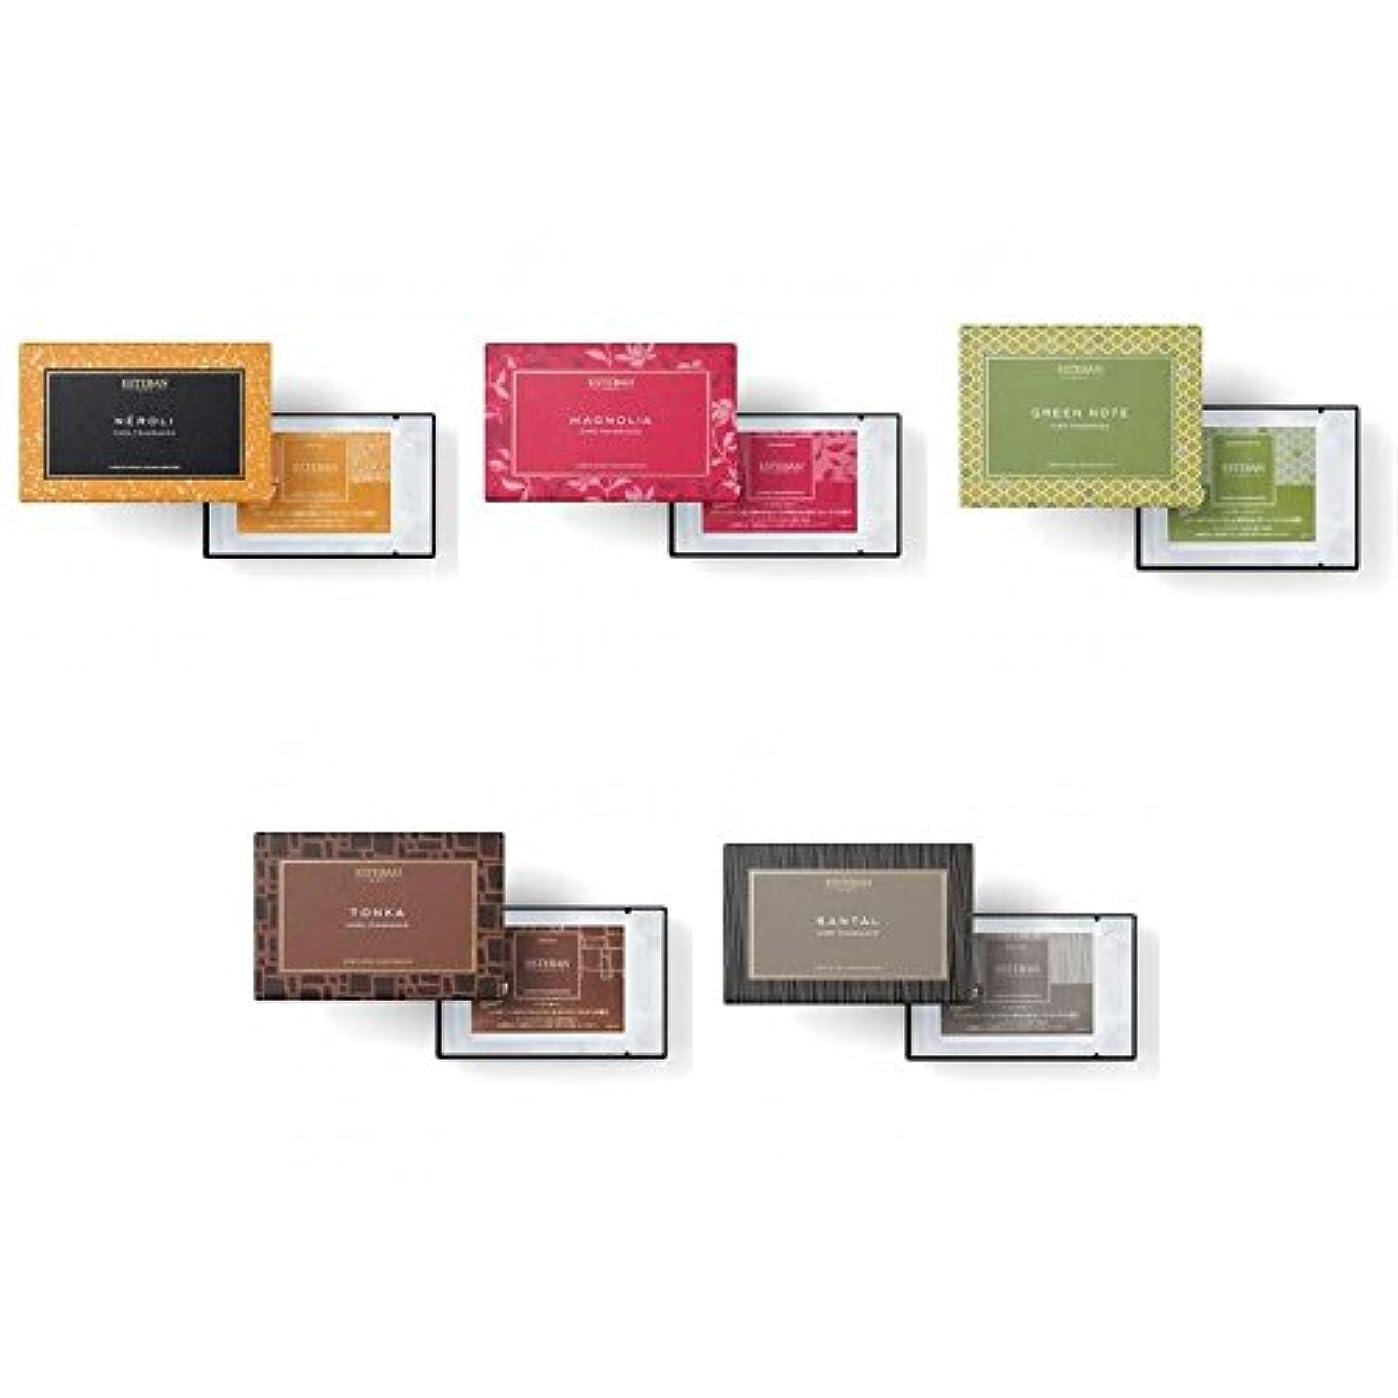 適性記念生き残りエステバン カードフレグランス 5種セット